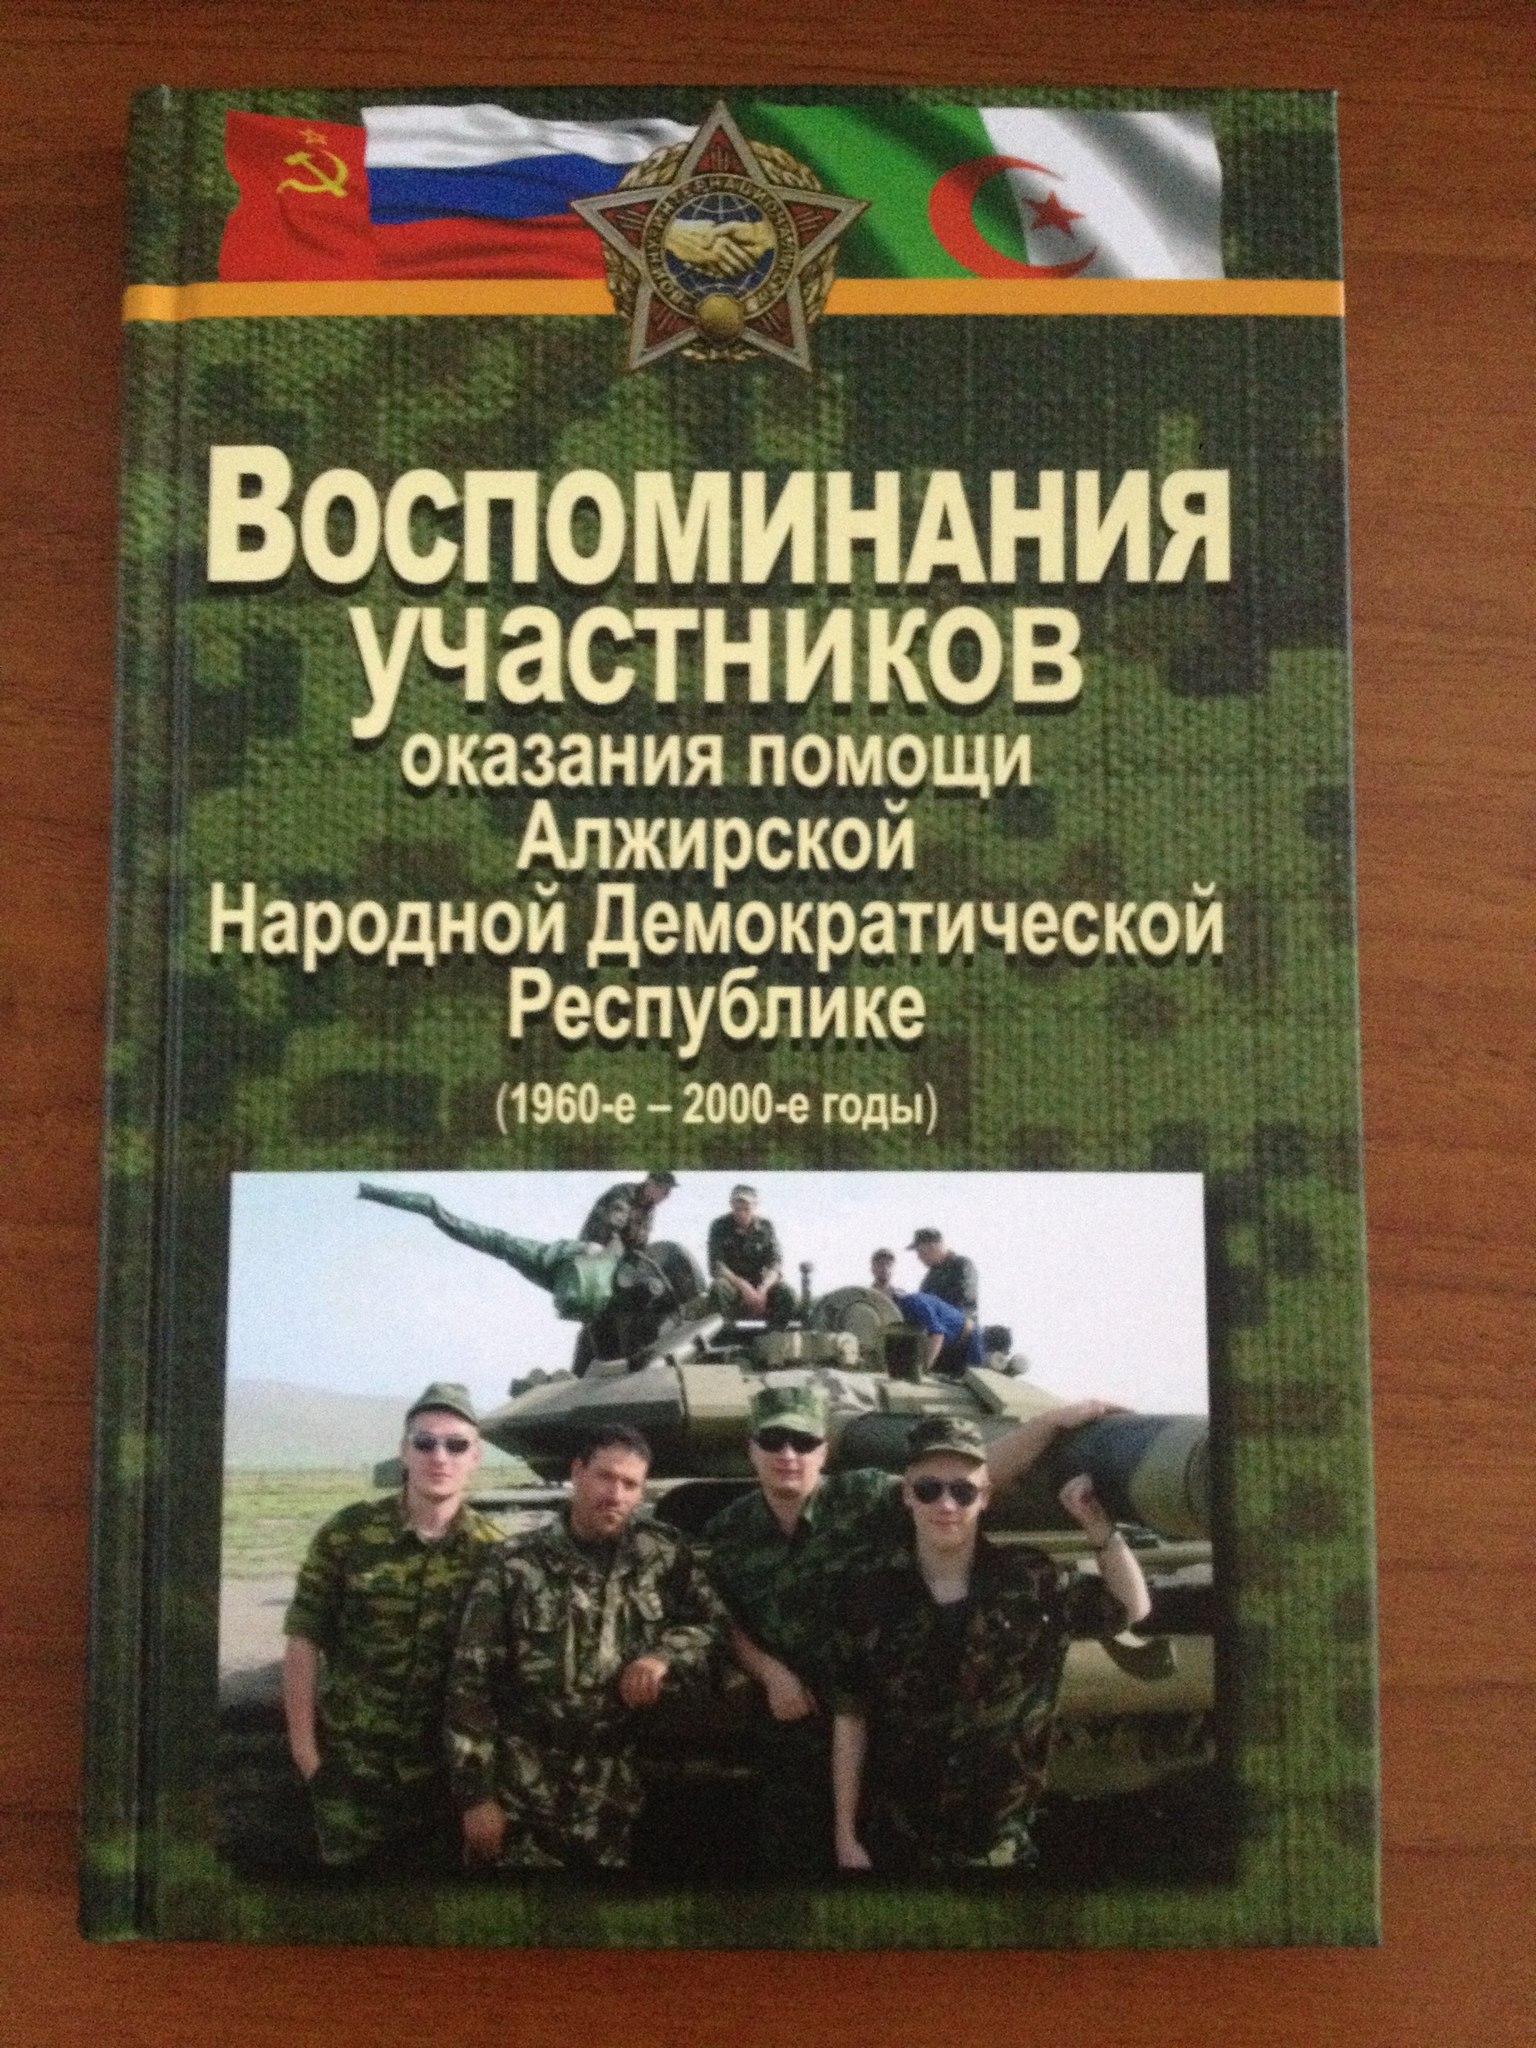 العلاقات الجزائرية الروسية 3853688901